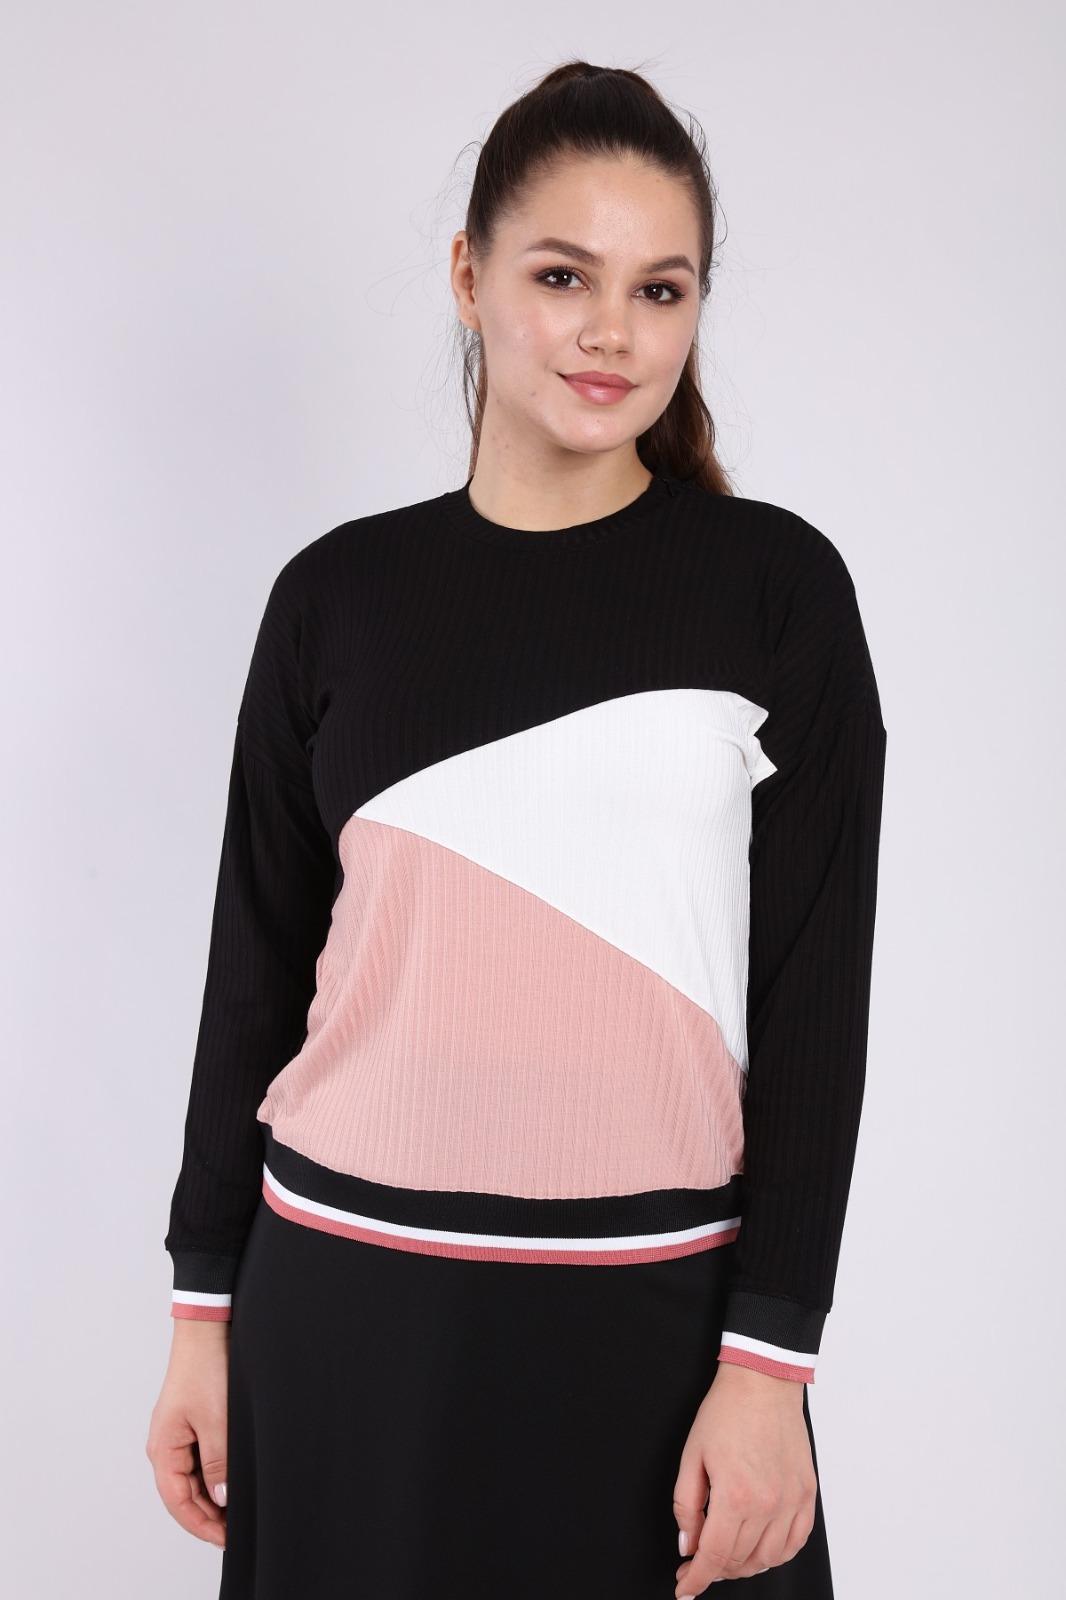 בגדי בית ליידיס - עליונית משולשים שחור-ורוד-לבן קולקציית 2021 דגם H004